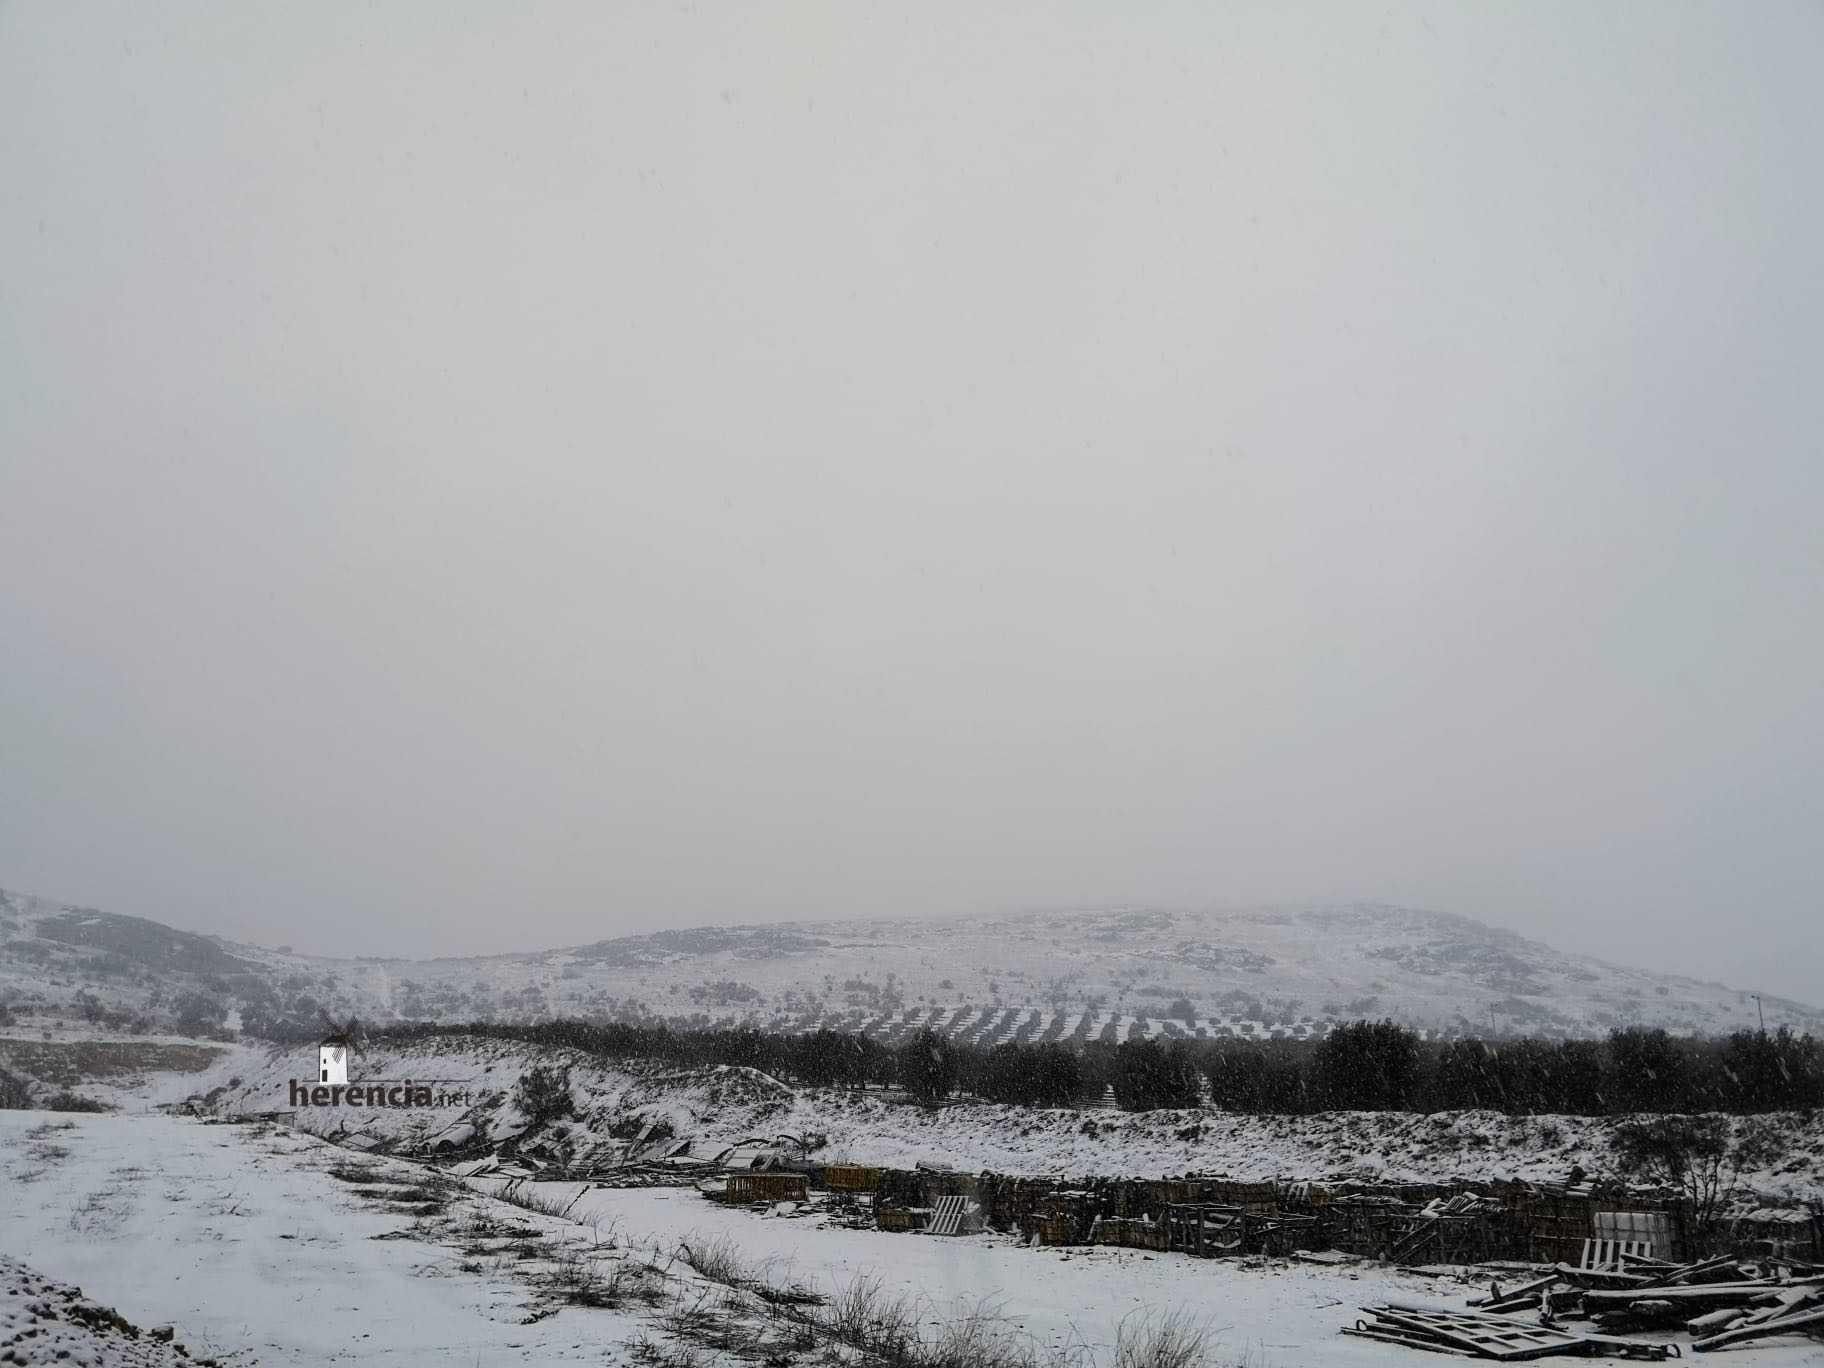 Las nevadas llegan Herencia y a toda Castilla-La Mancha 29